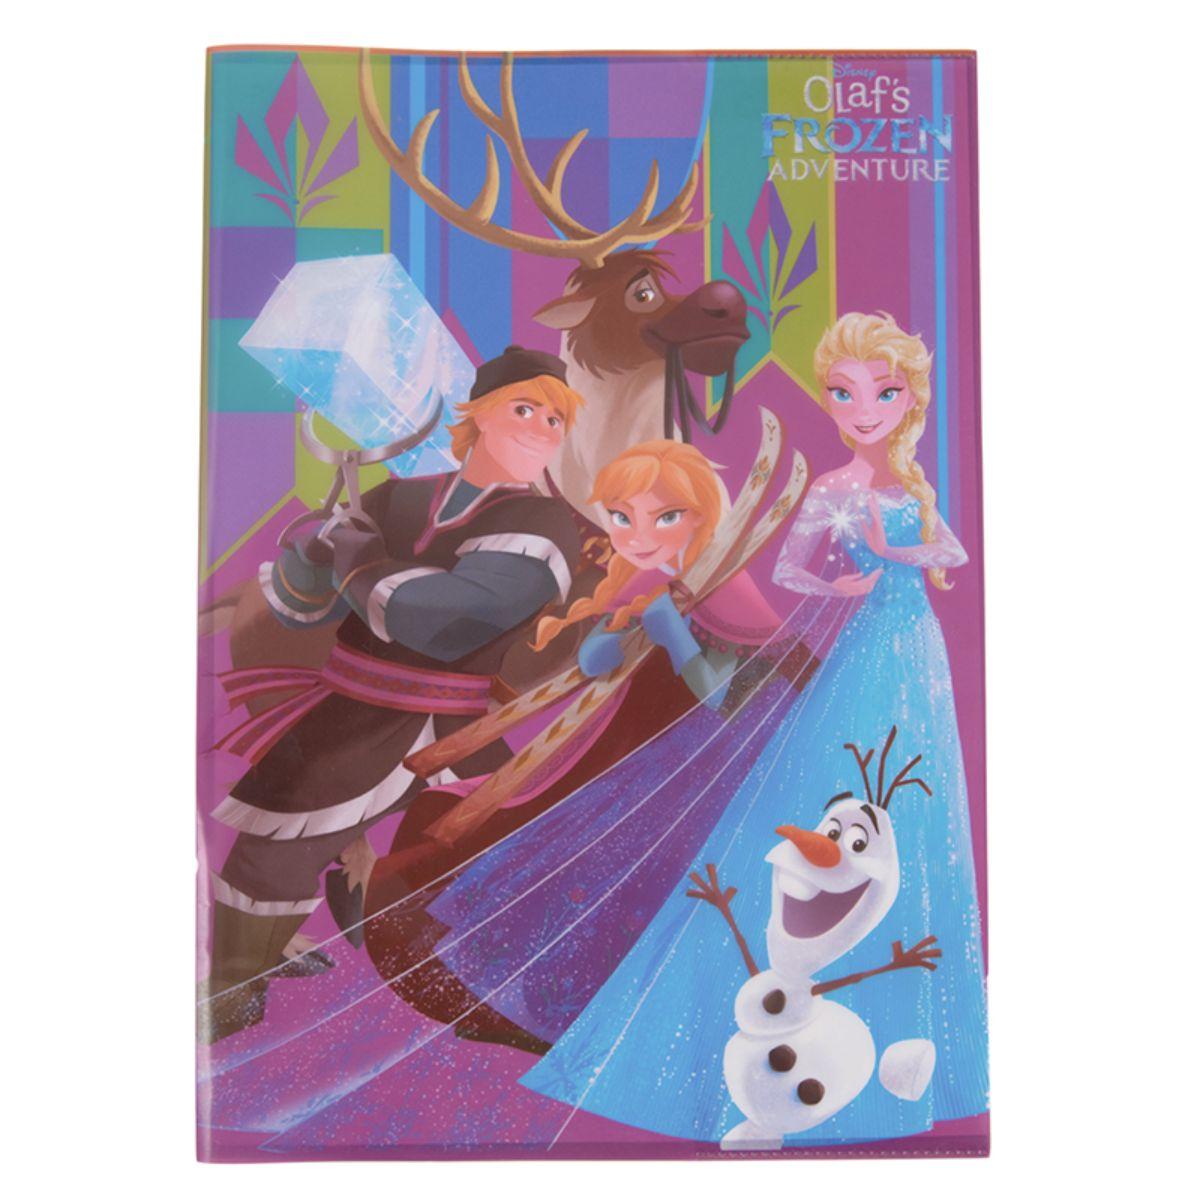 Coperta caiet A4 Frozen